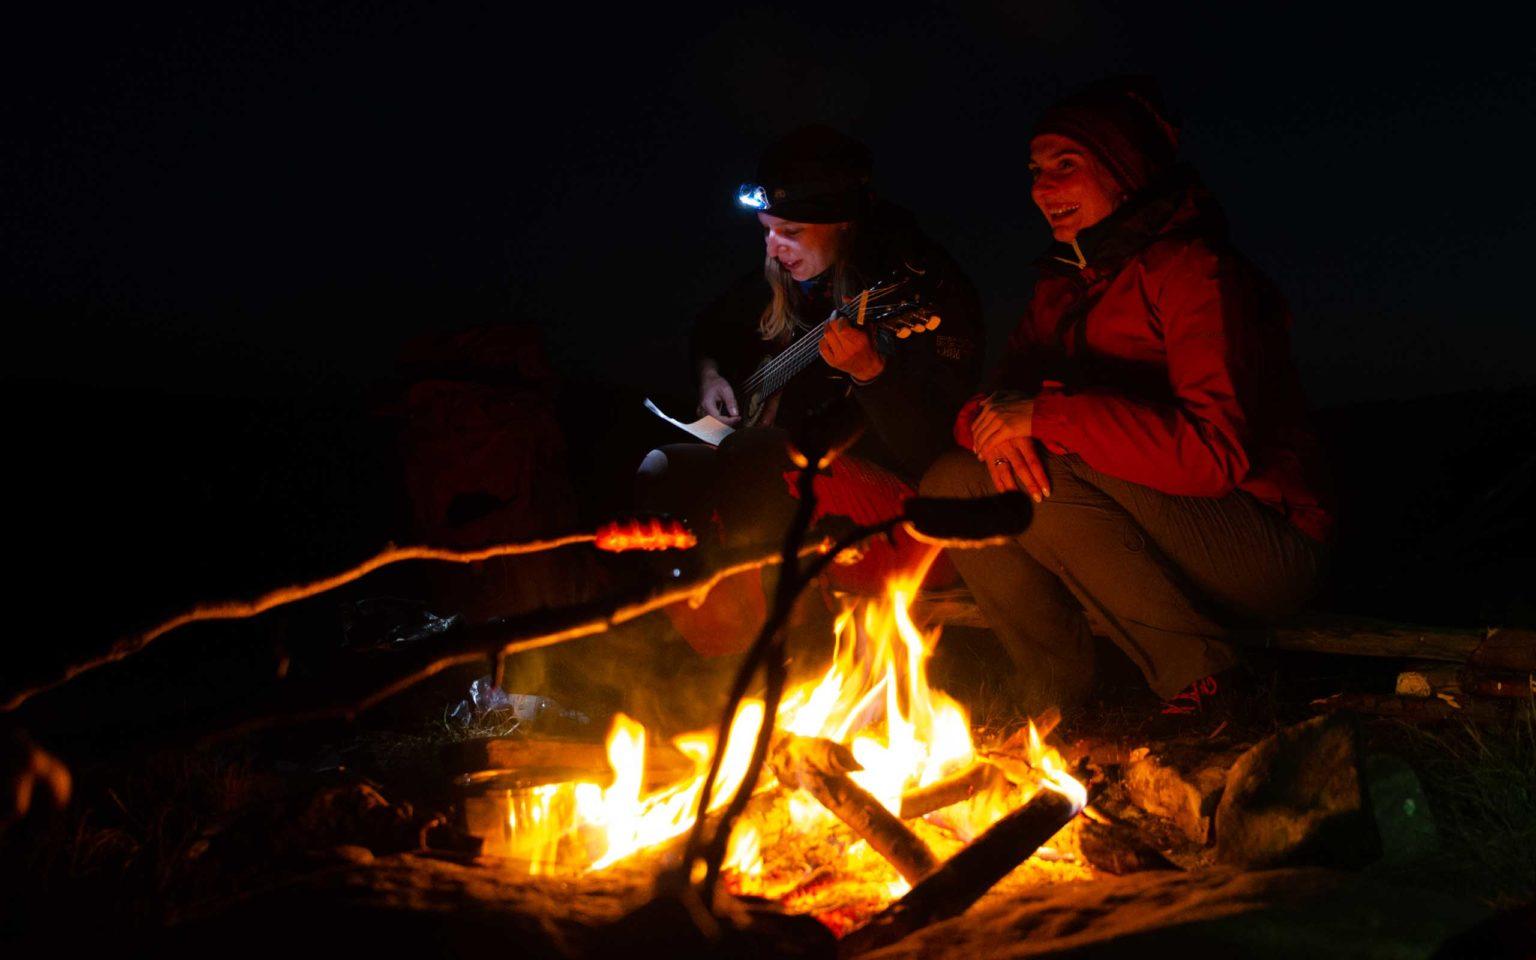 Dwie kobiety z gitarą siedzą przy ognisku w nocy